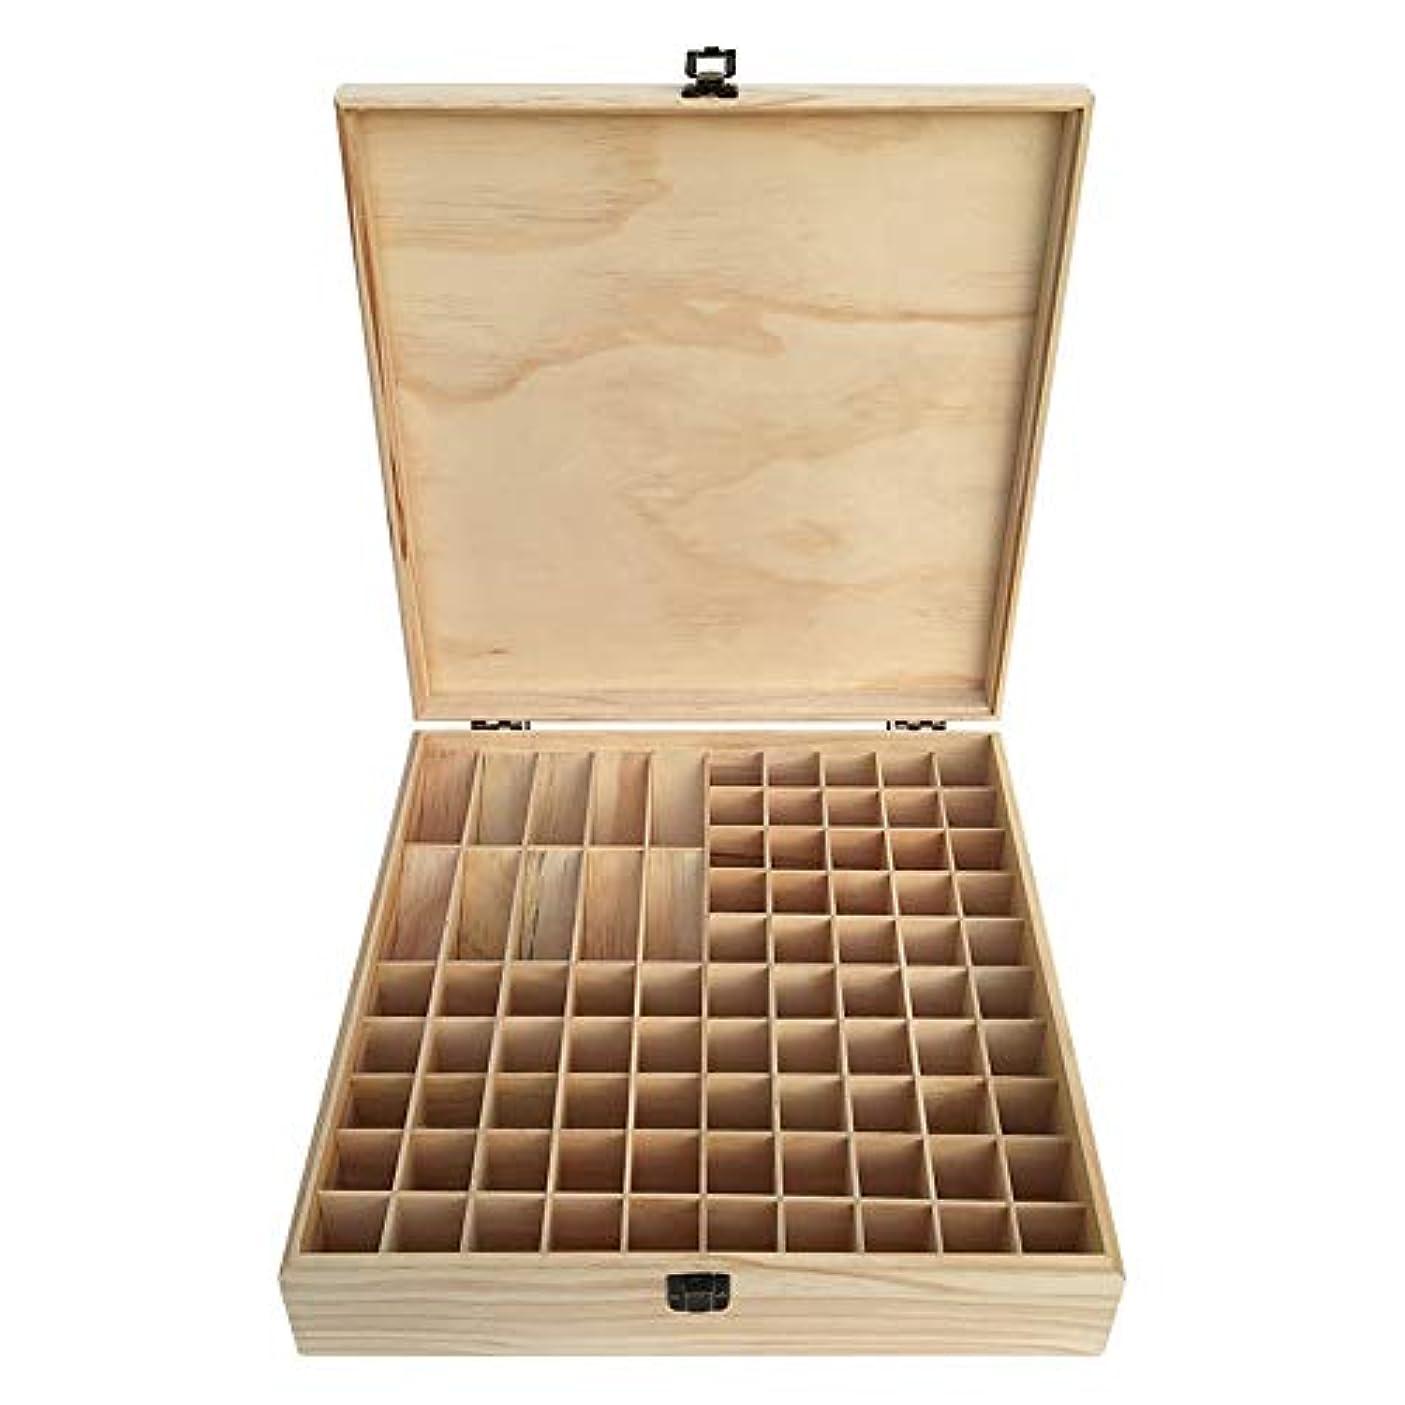 マウントバンク地元啓発するエッセンシャルオイルの保管 大85スロット木製のエッセンシャルオイルストレージボックスナチュラルパインウッド (色 : Natural, サイズ : 35X35X9CM)